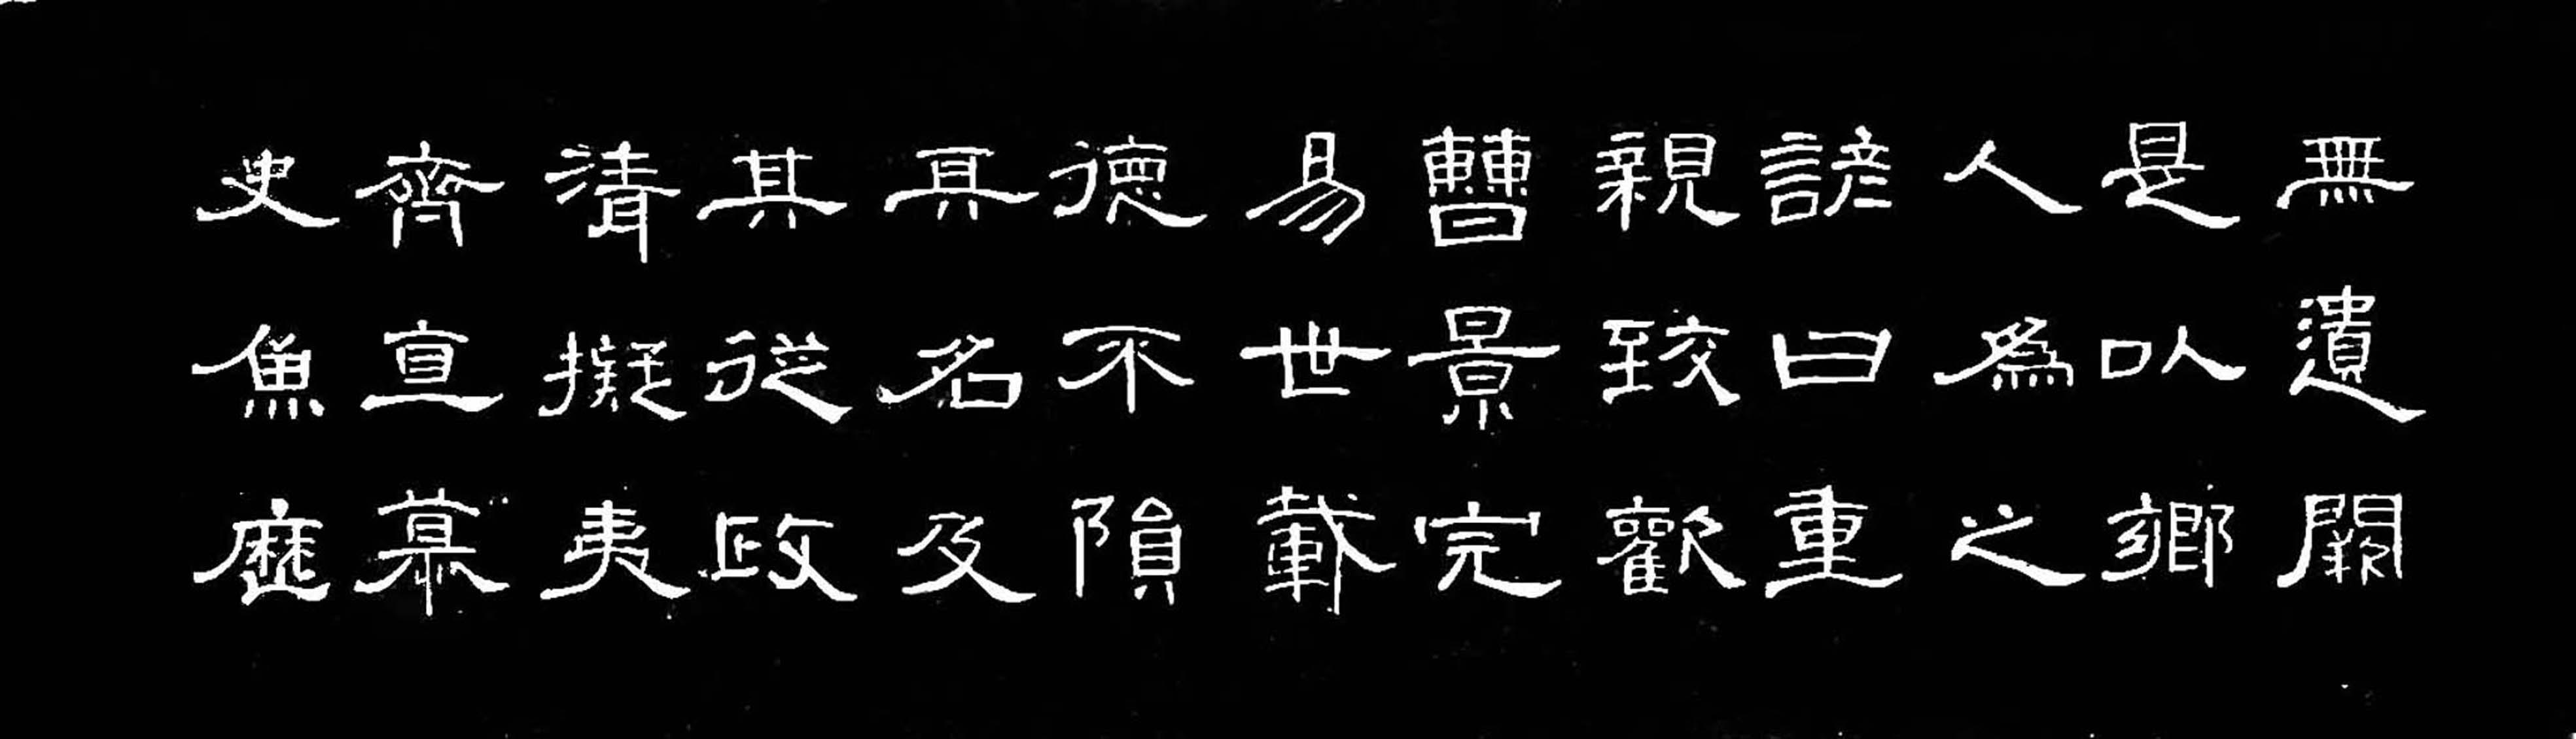 中国翰园书法历代名人碑拓作品欣赏 - 墨缘 - 张明校书法艺术